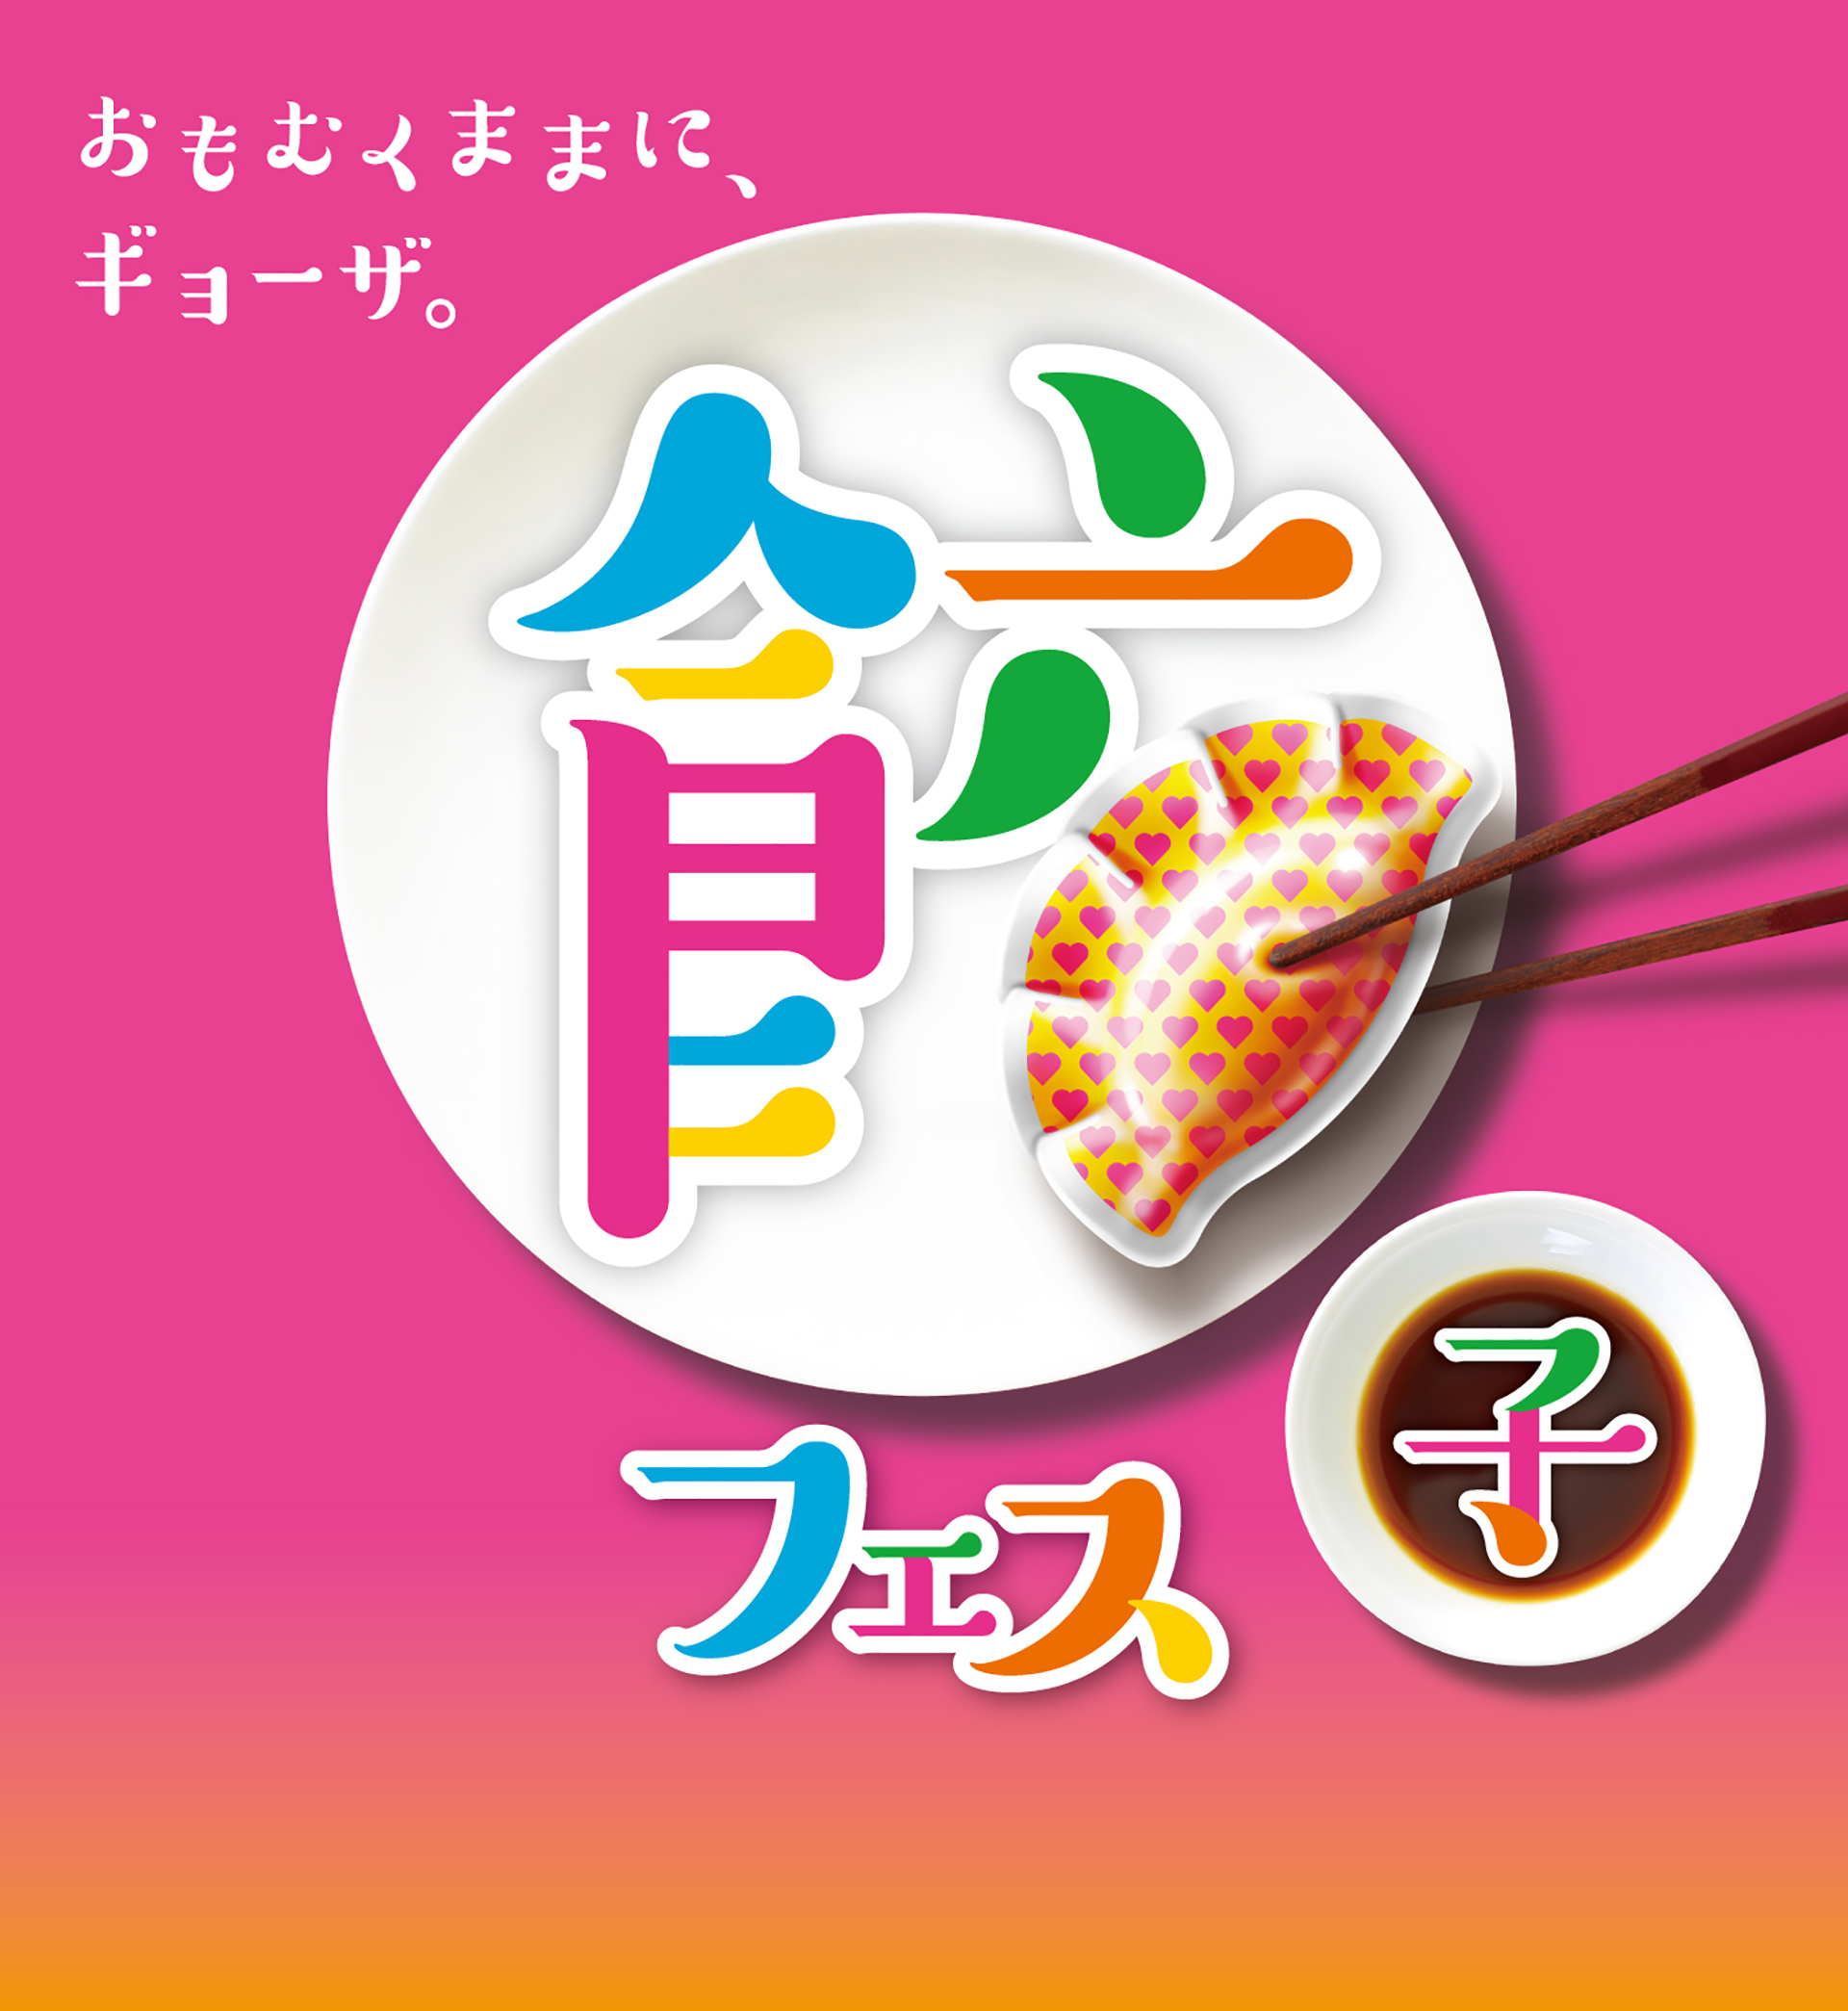 餃子フェスメインビジュアル